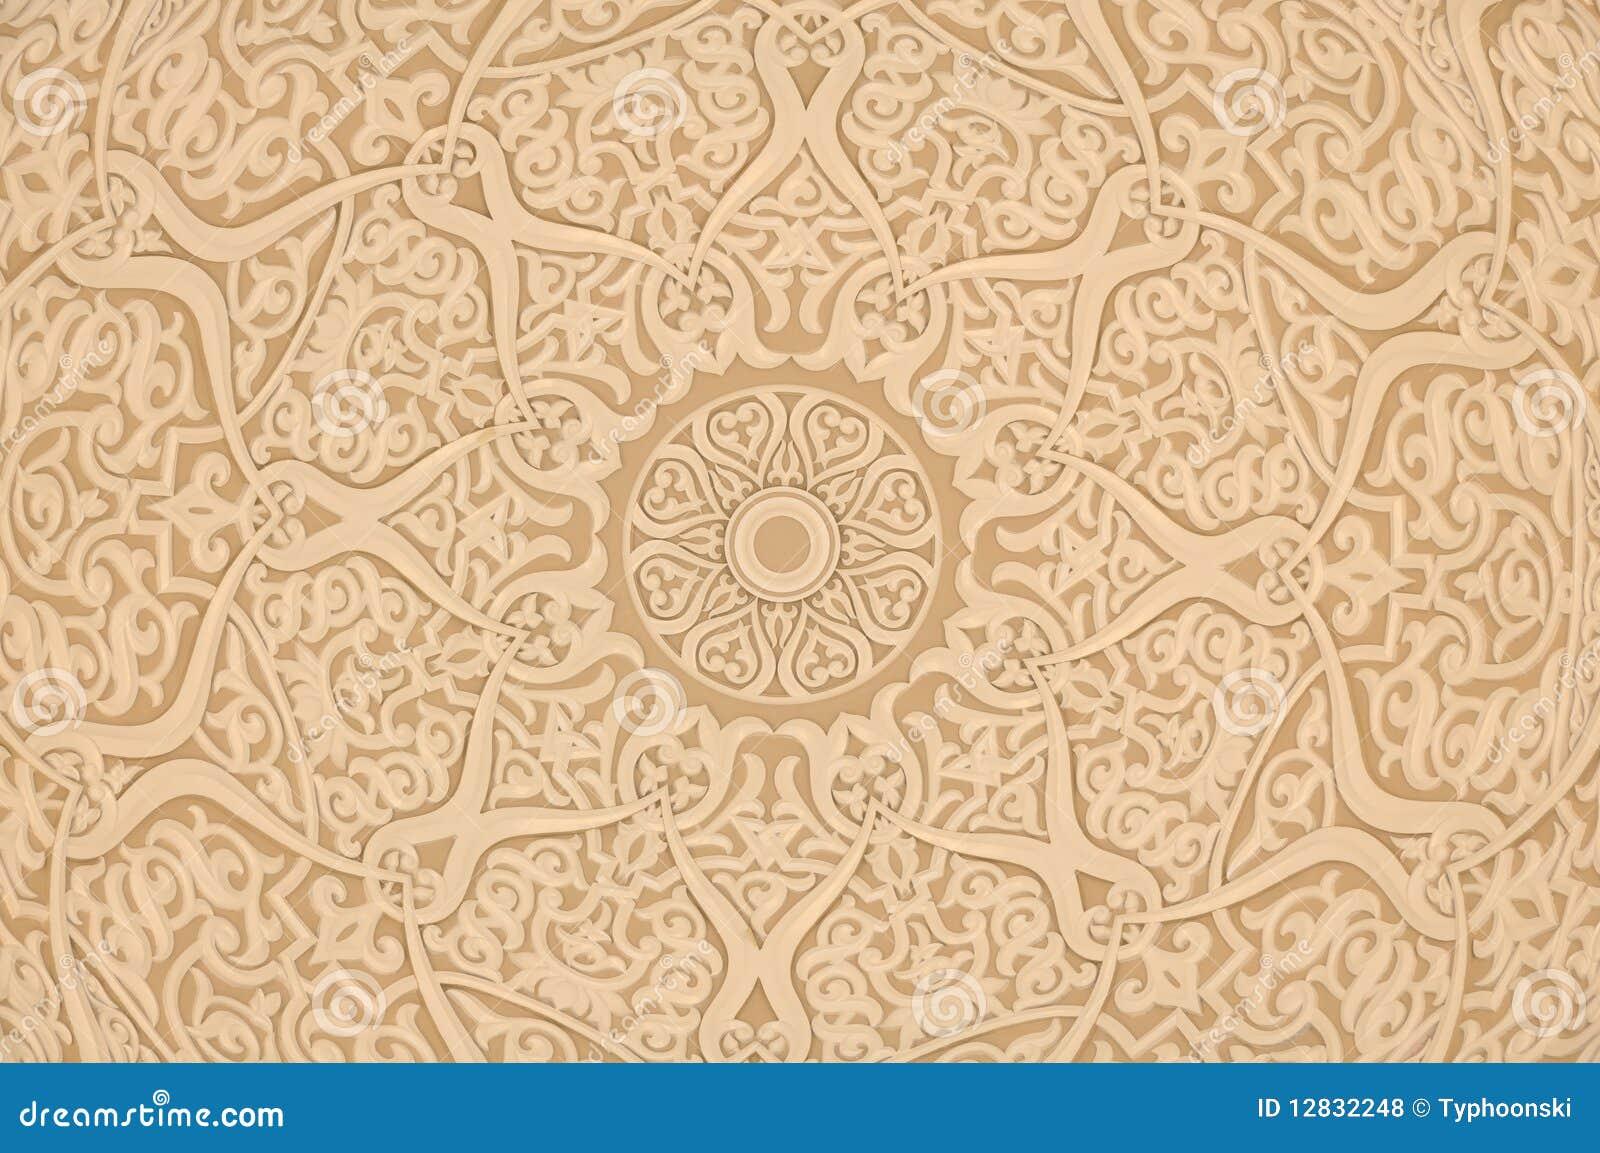 Orientalische arabische dekoration stockfoto bild von for Arabische dekoration